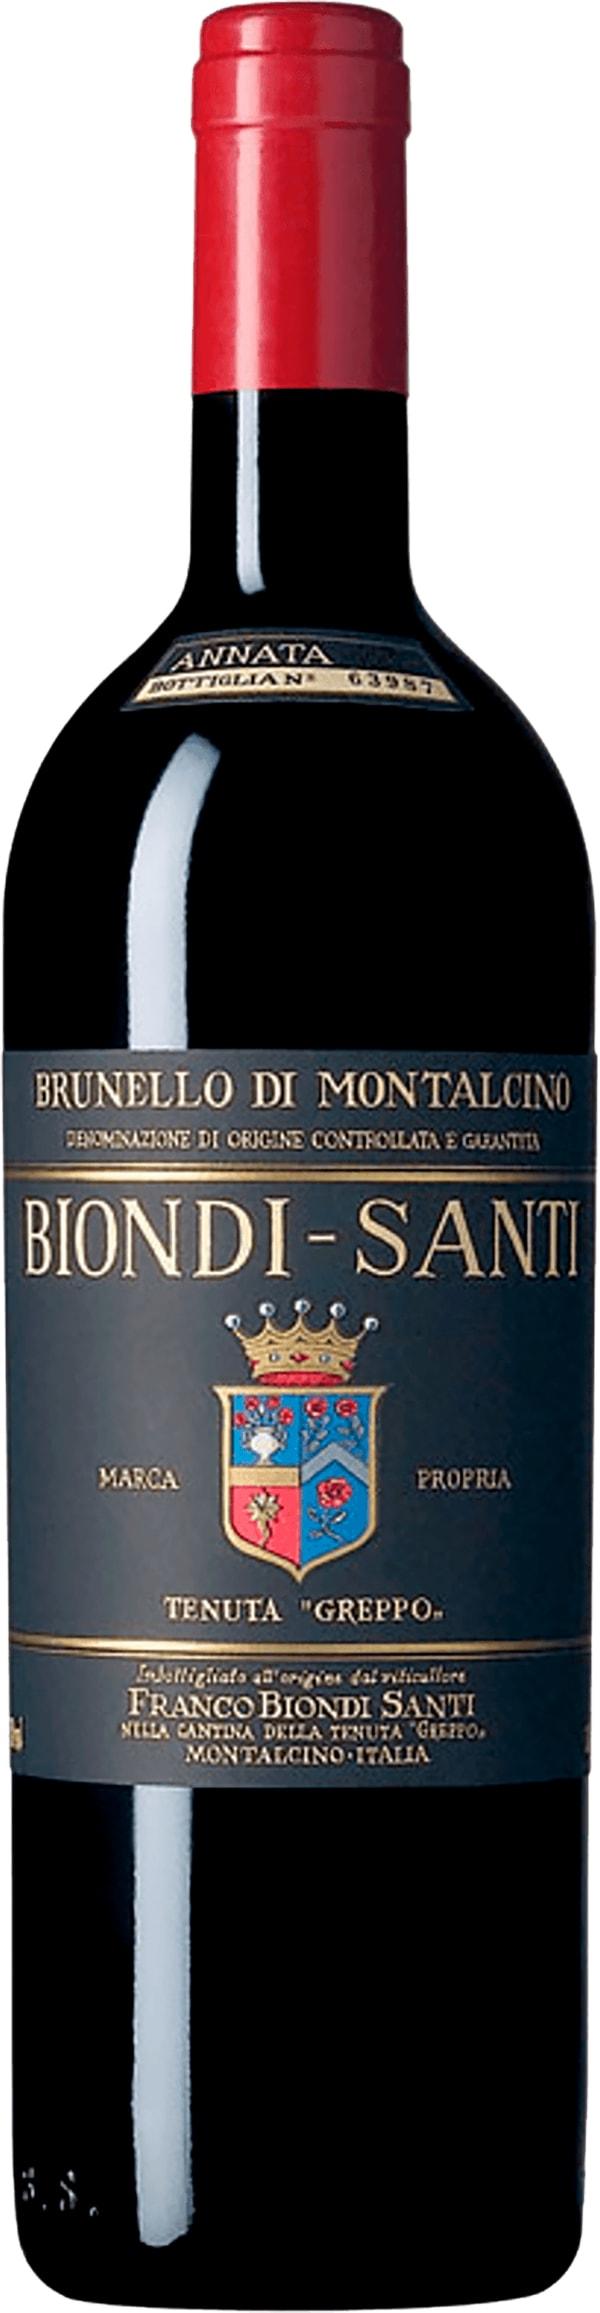 Biondi-Santi Brunello di Montalcino Annata 2012